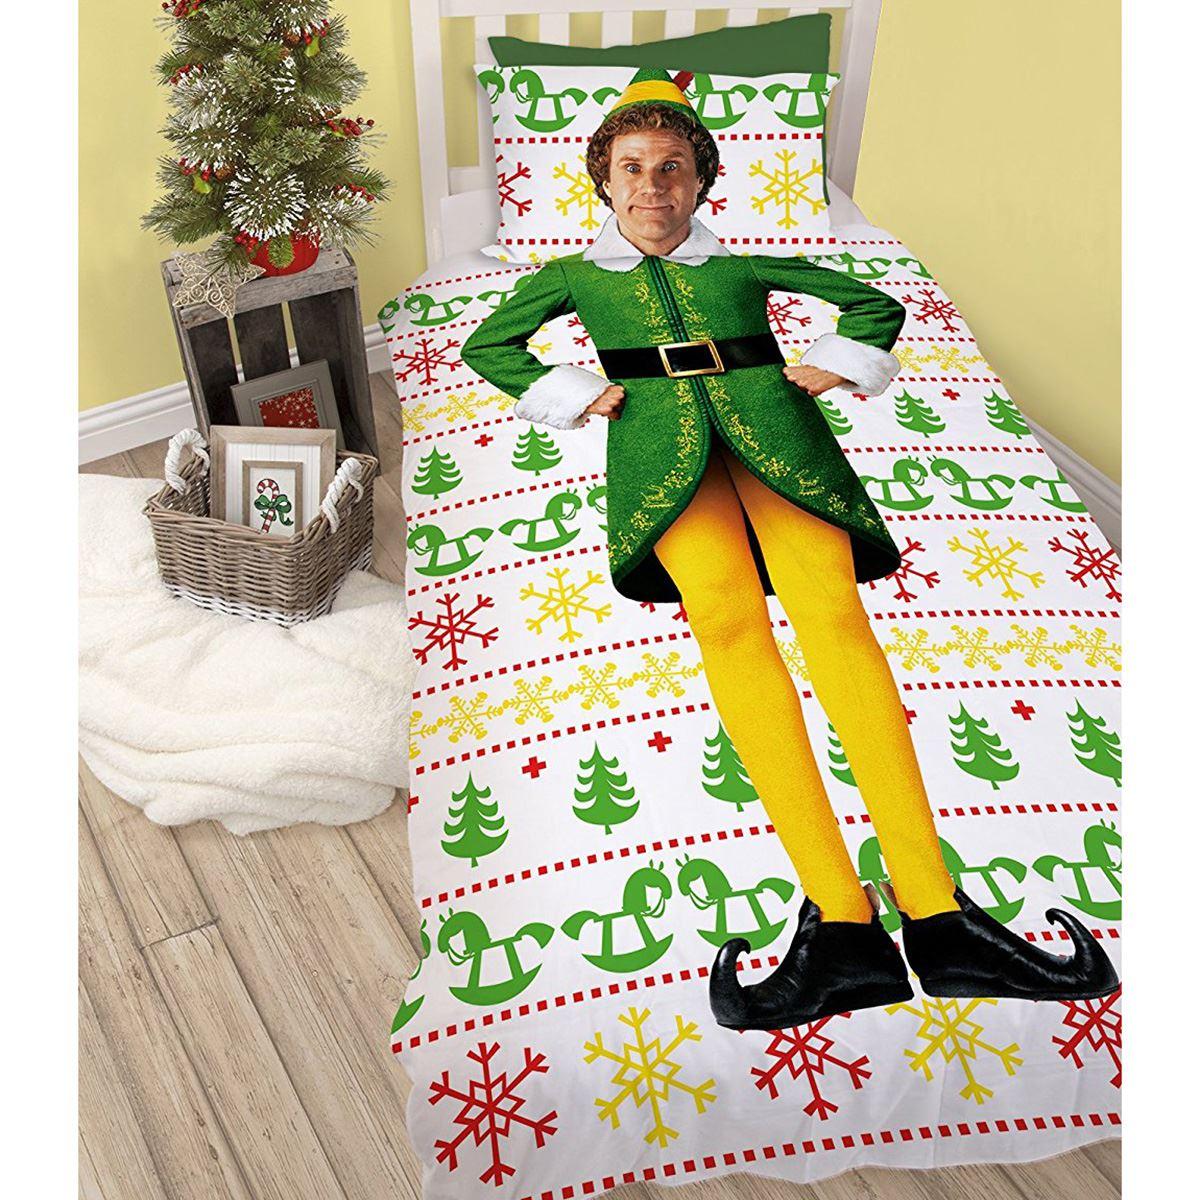 Indexbild 8 - Kinder Weihnachten Bettbezug Sets - Junior Einzel Doppel King - Elf Emoji Grinch